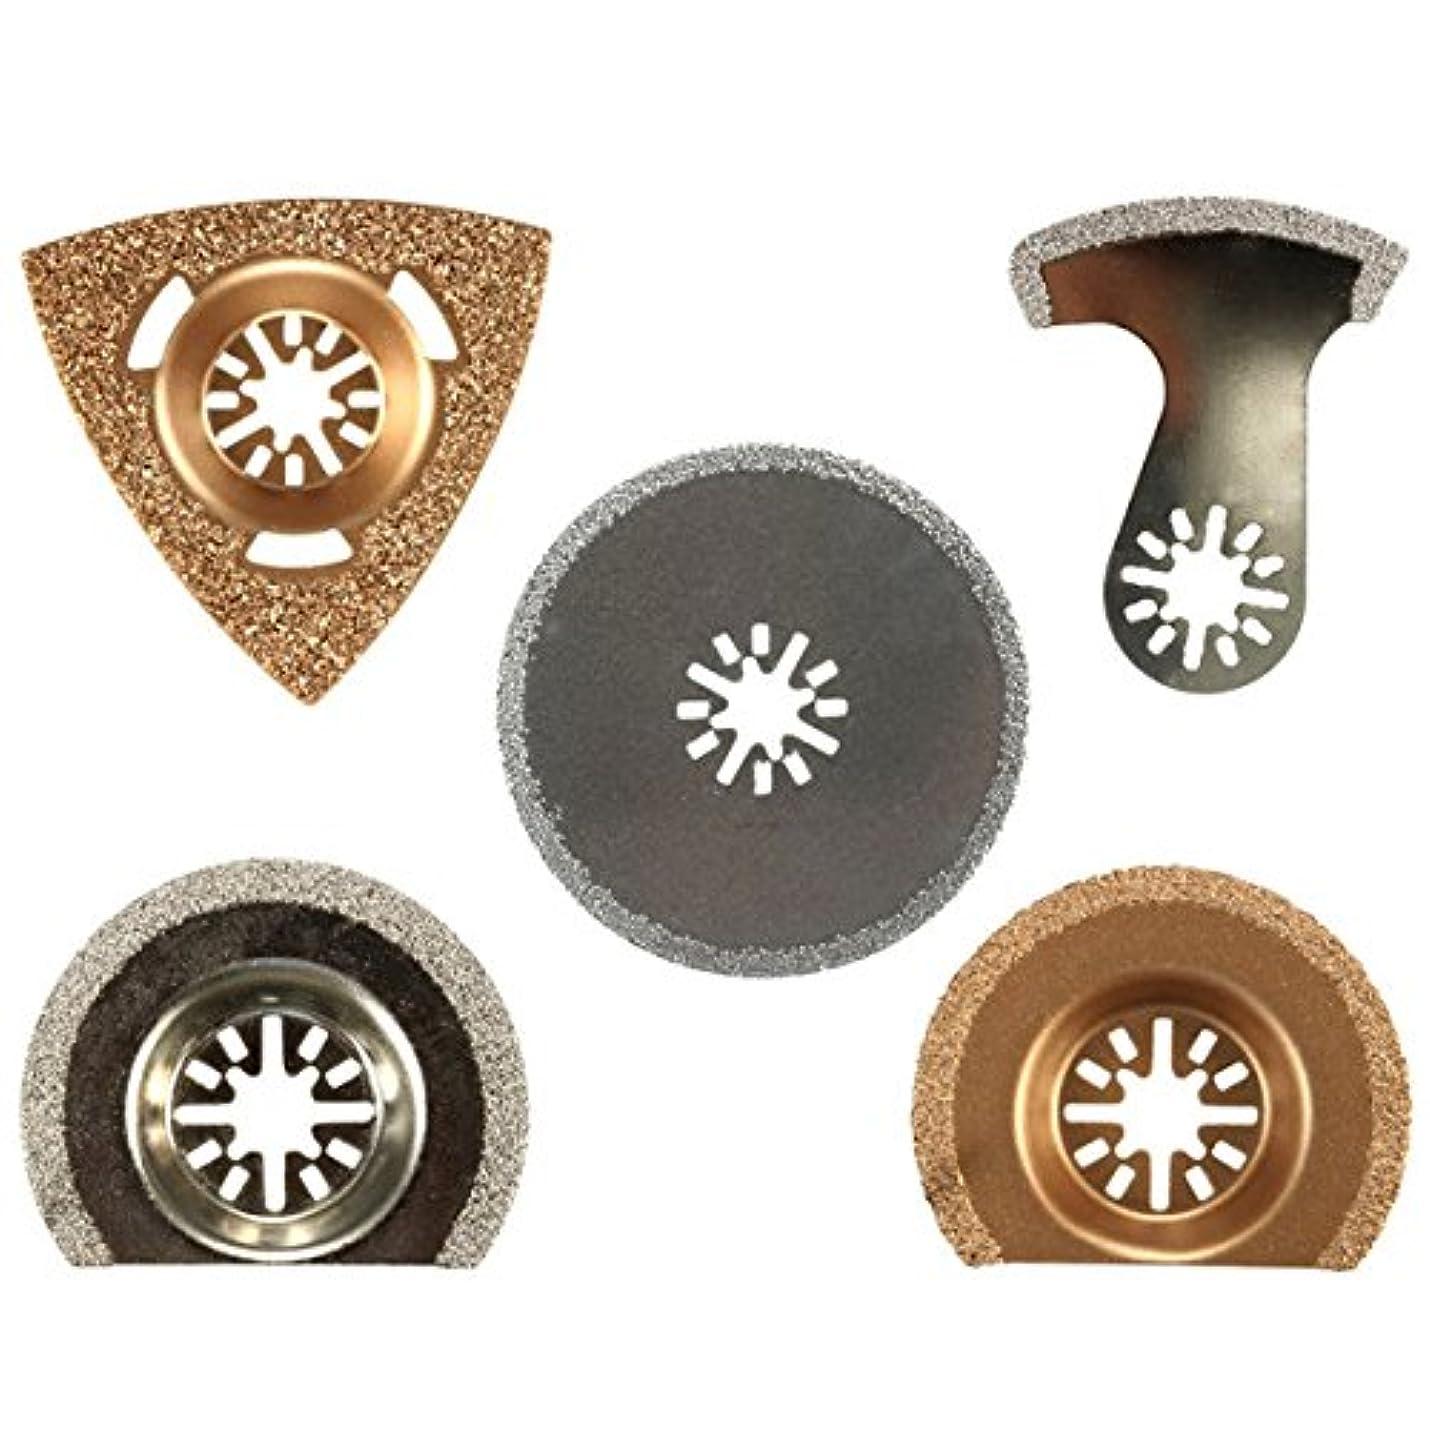 マニアック呼び起こす上げるWchaoen 5本の振動マルチツールソーブレードセットは、ファインボッシュマルチマスターにフィット ハードウェア部品